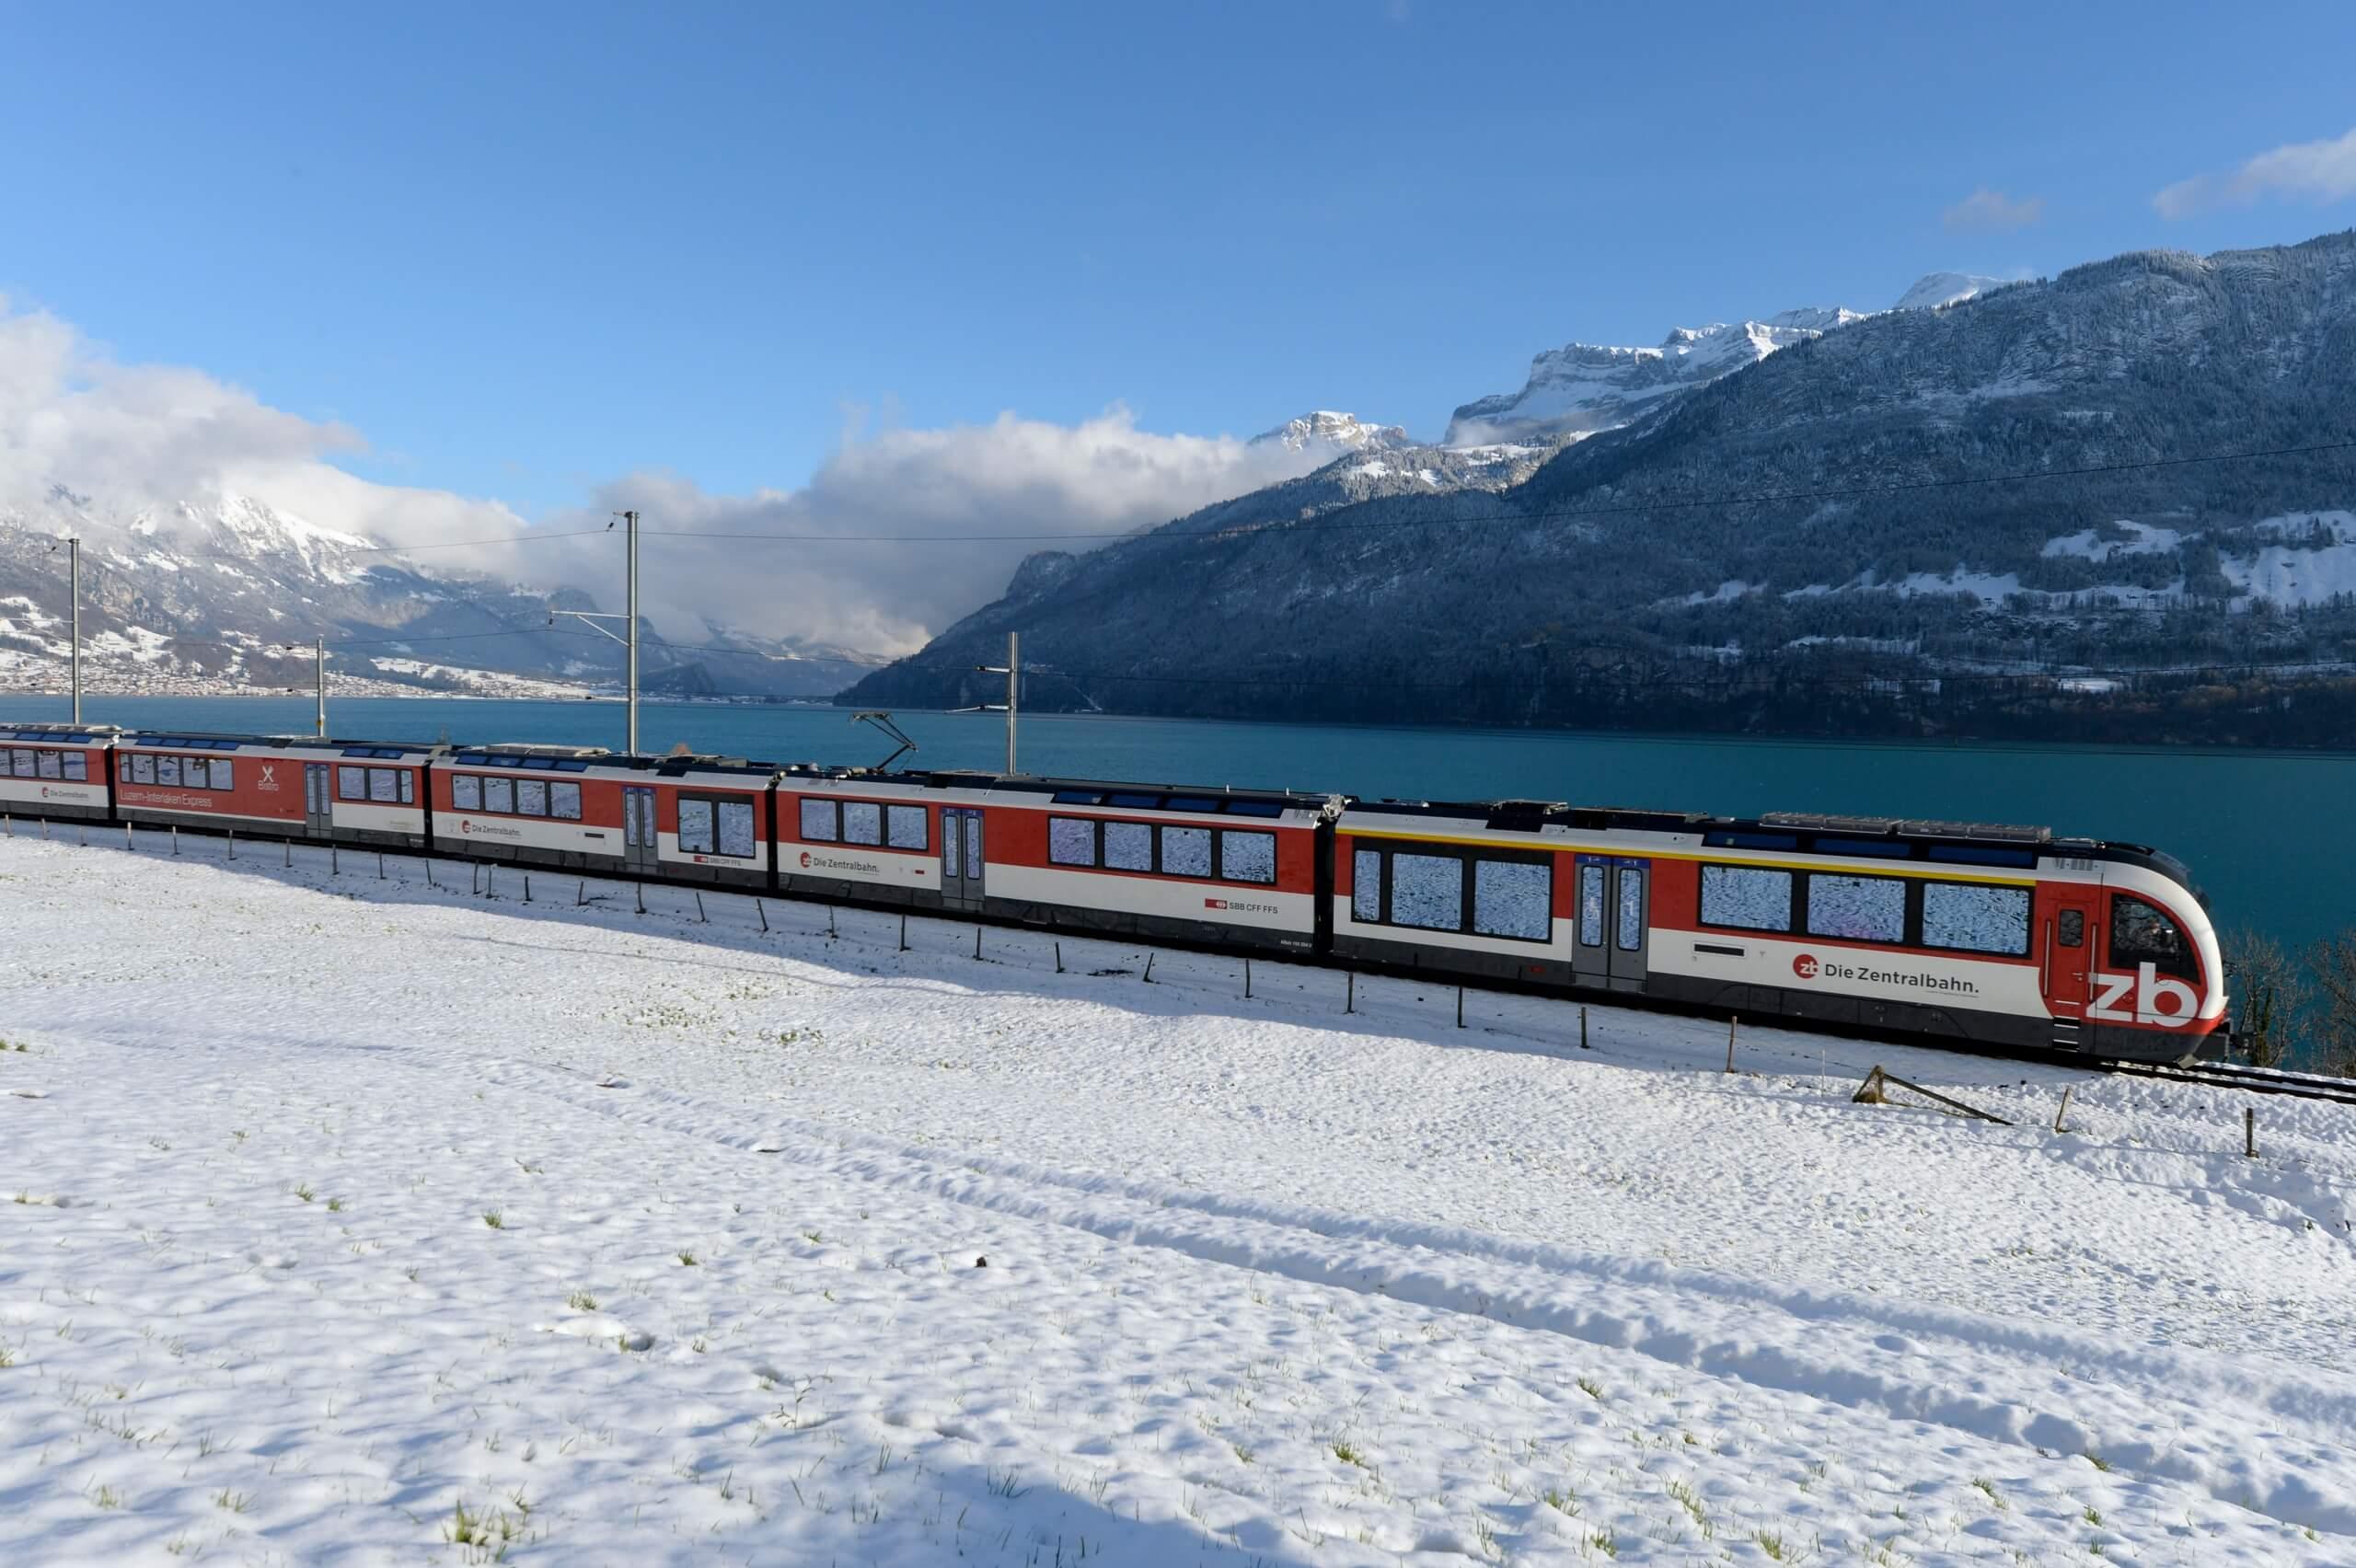 zentralbahn-luzern-interlaken-express-bahnfahrt-zug-winter-brienzersee